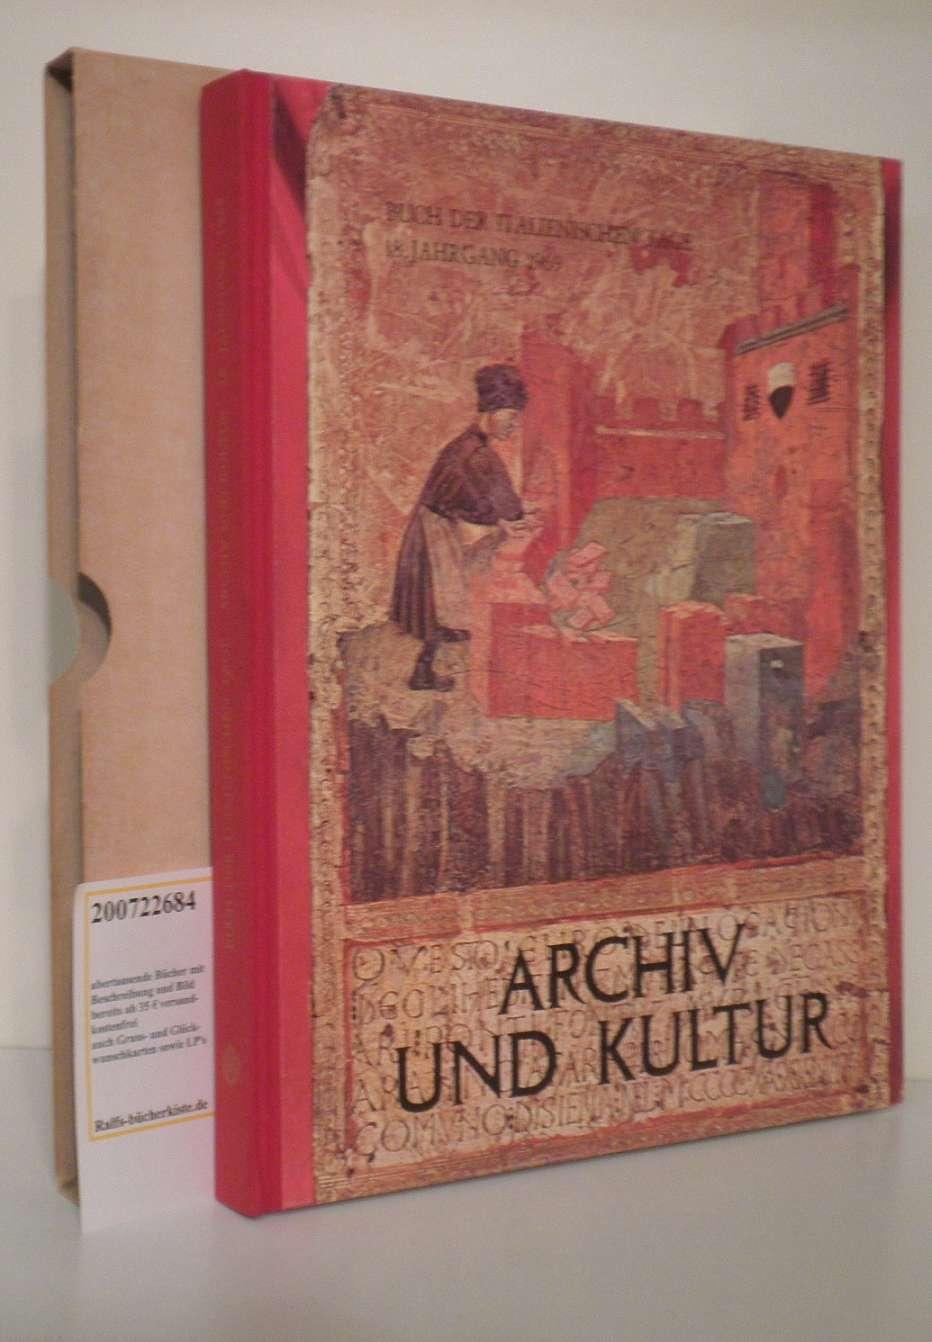 Baggio,  Elena   Wangemann, Rolf: Archiv und Kultur [Red.: Elena Baggio. Übers.: Rolf Wangemann]